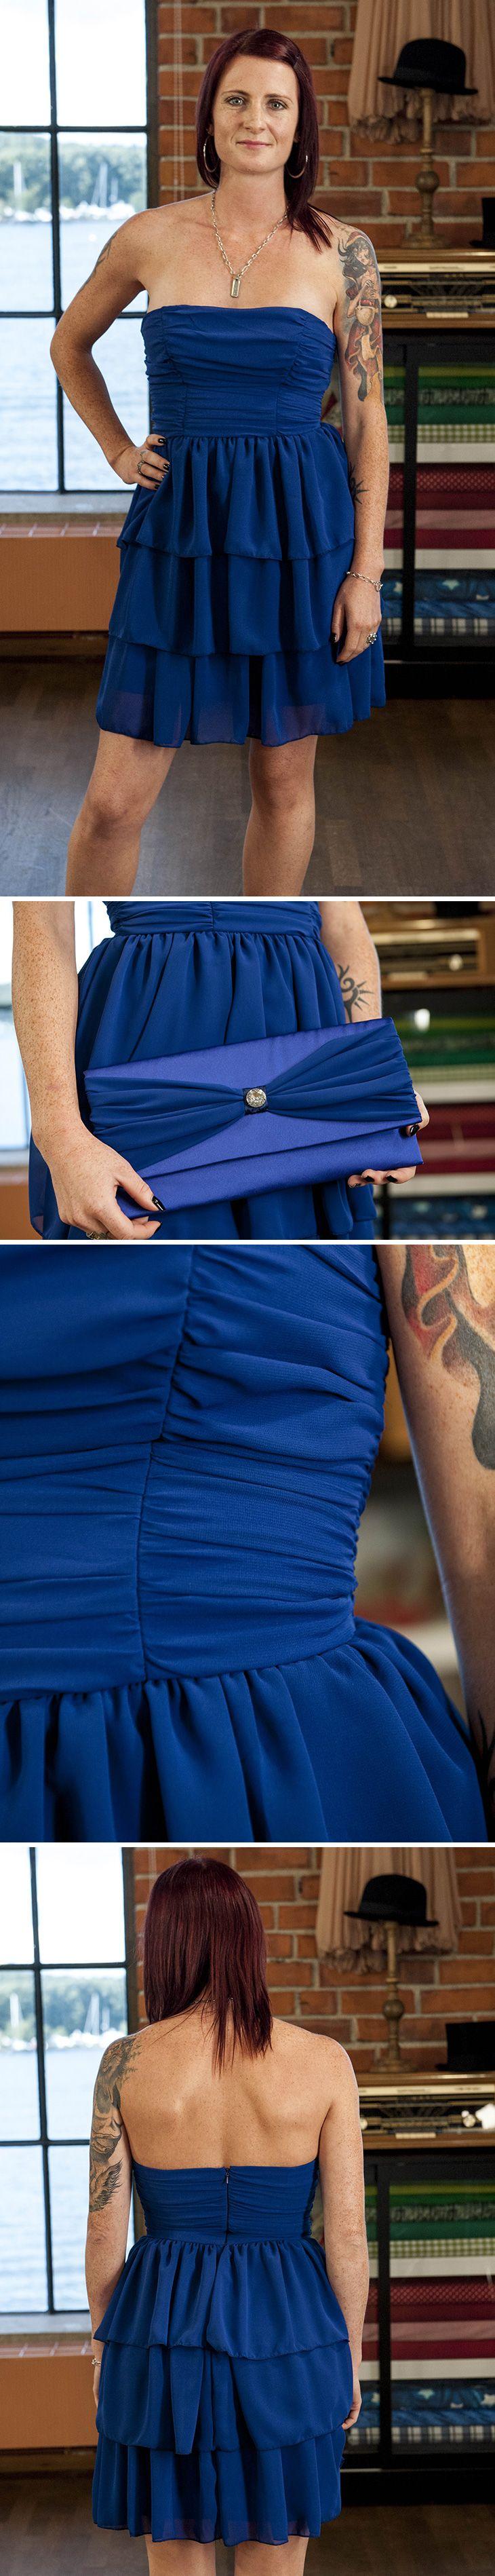 Lisas vackra coctail-klänning från finalkvällen i Hela Sverige syr #helasverigesyr